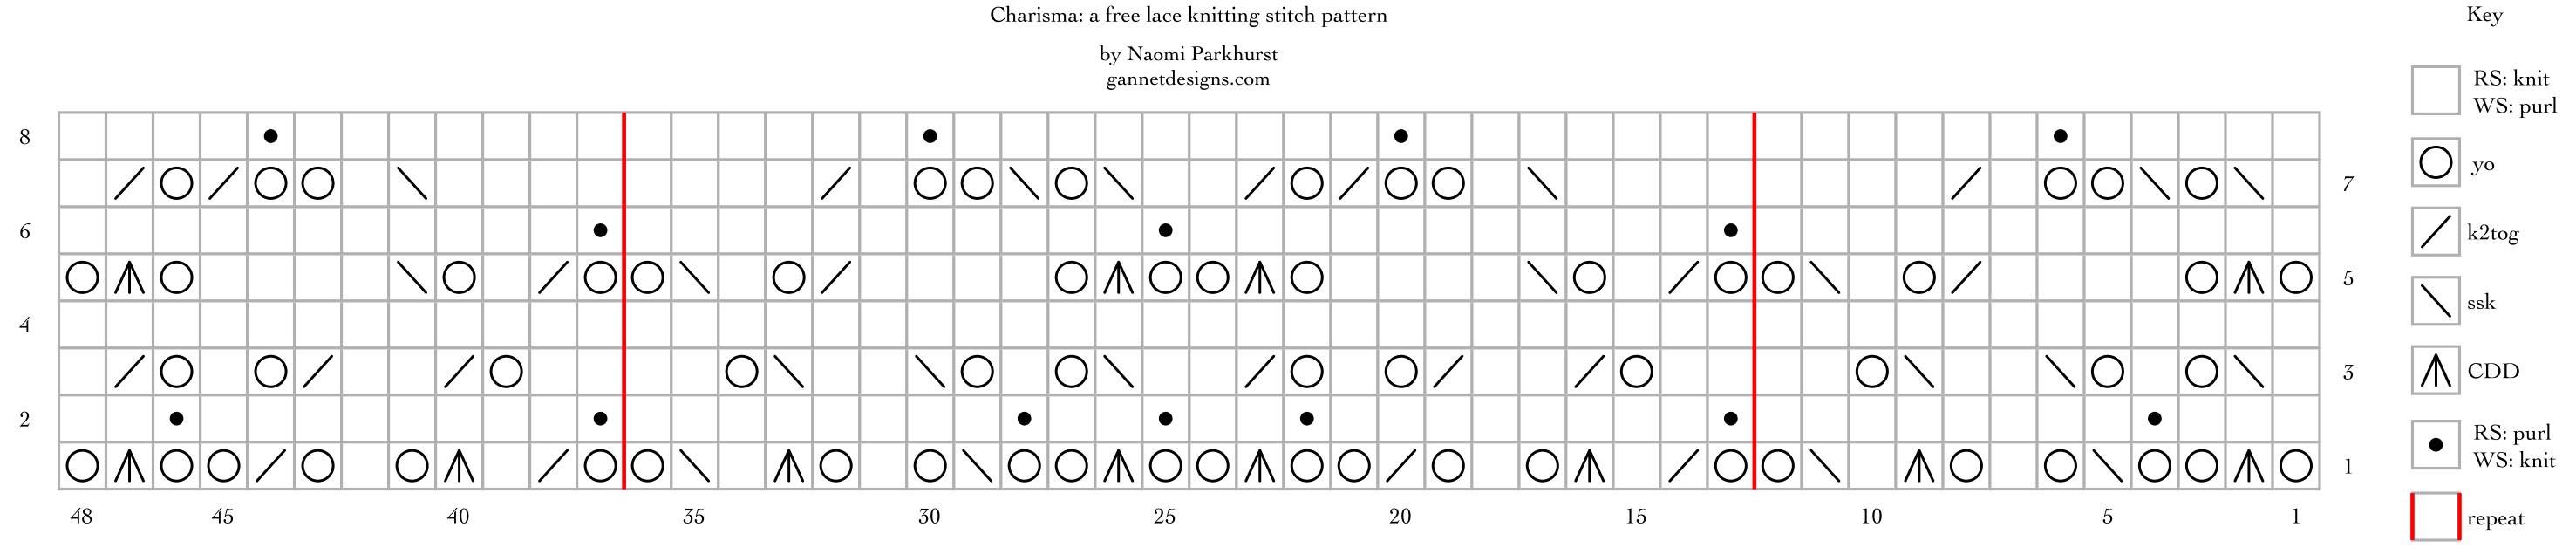 Charisma: a free lace knitting stitch pattern chart, by Naomi Parkhurst